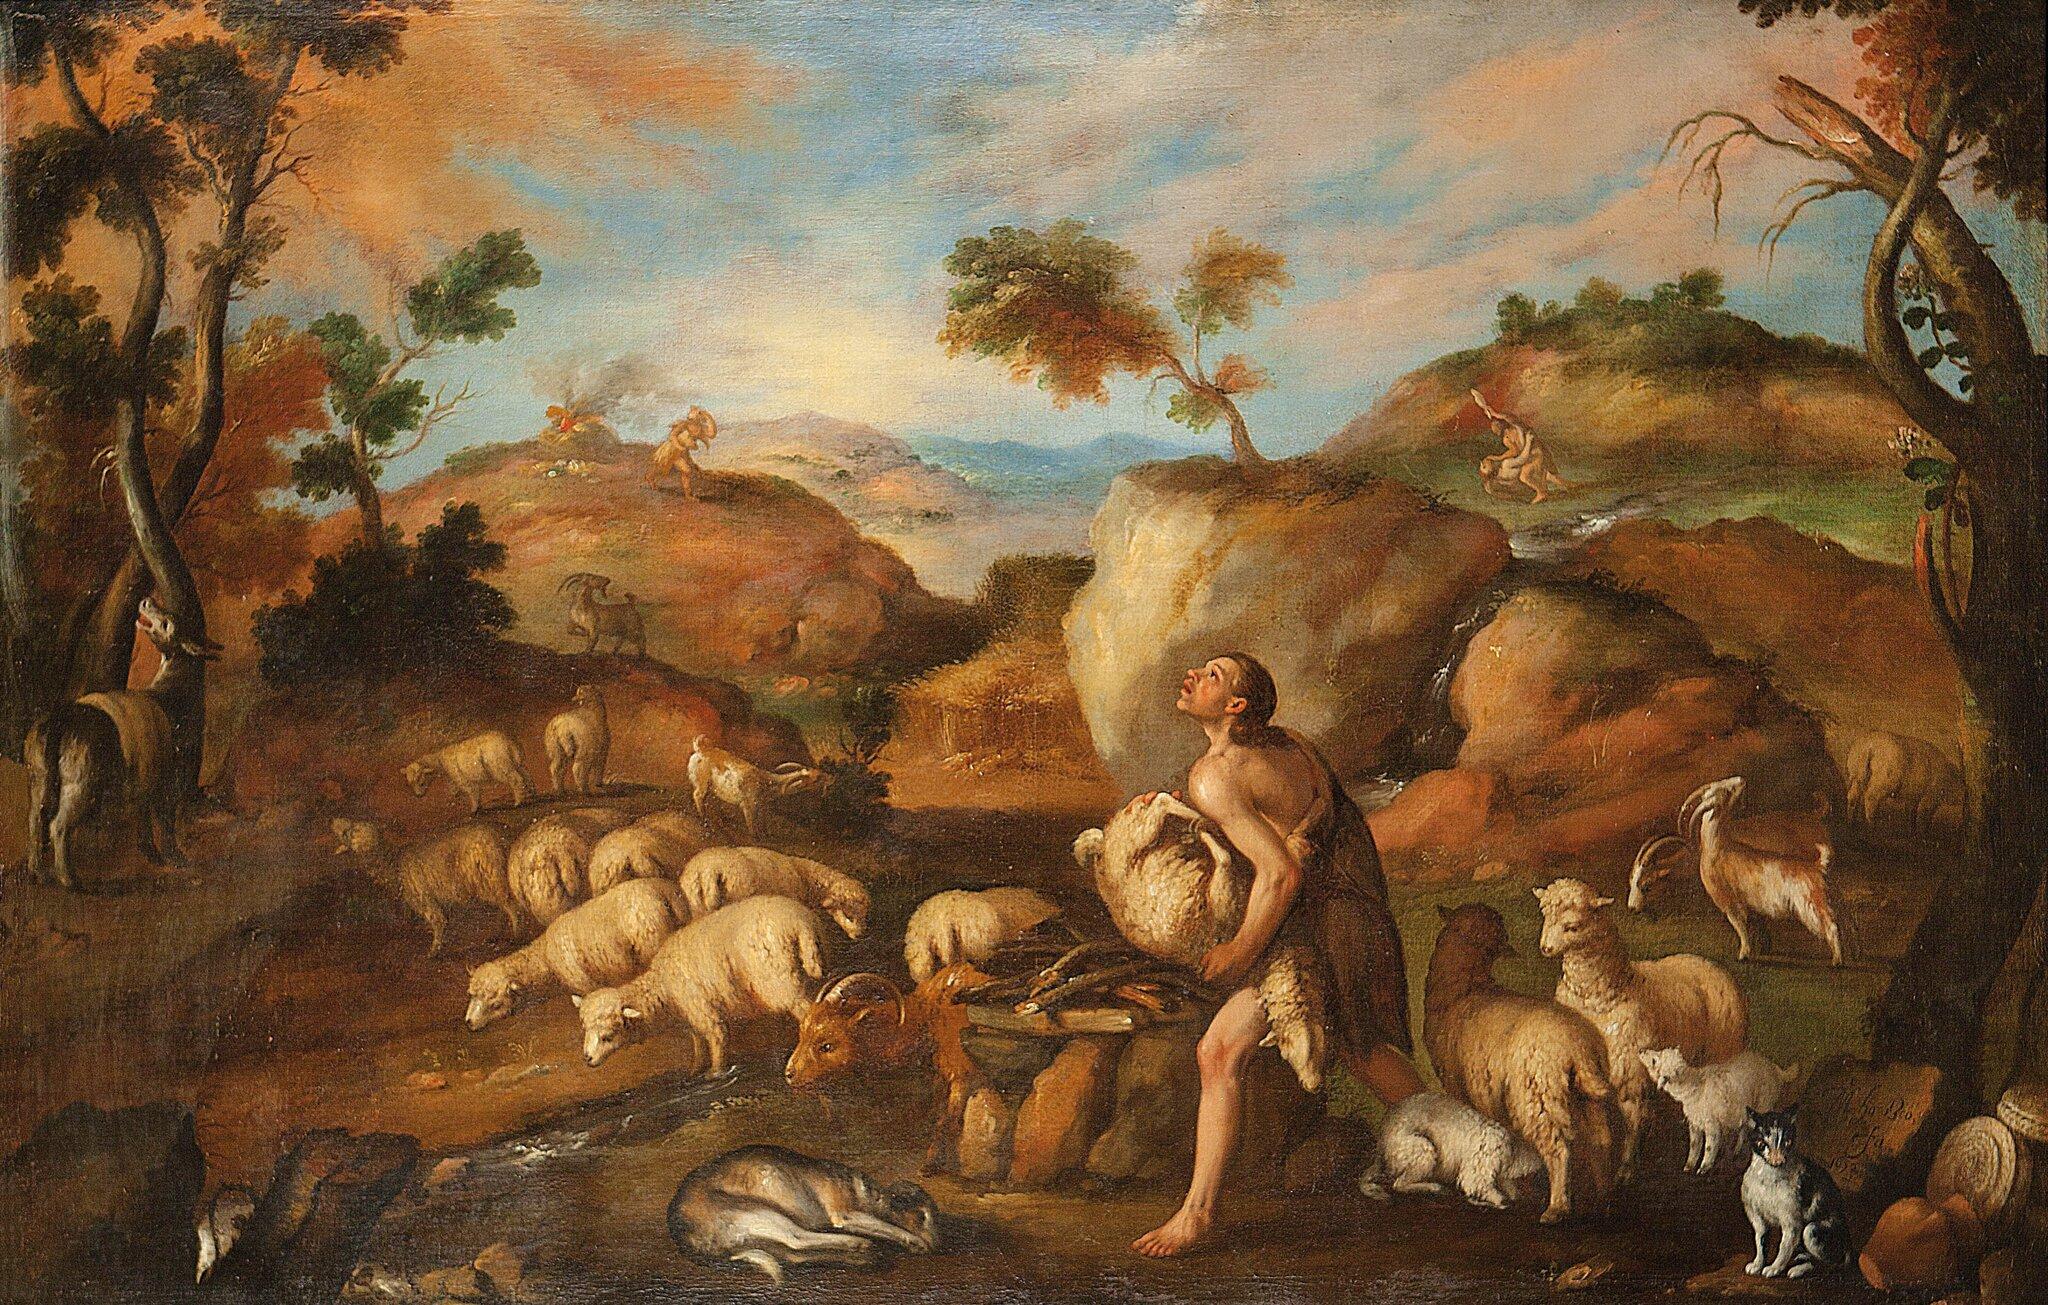 Kain iAbel Źródło: Mateo Orozco, Kain iAbel, 1652, domena publiczna.